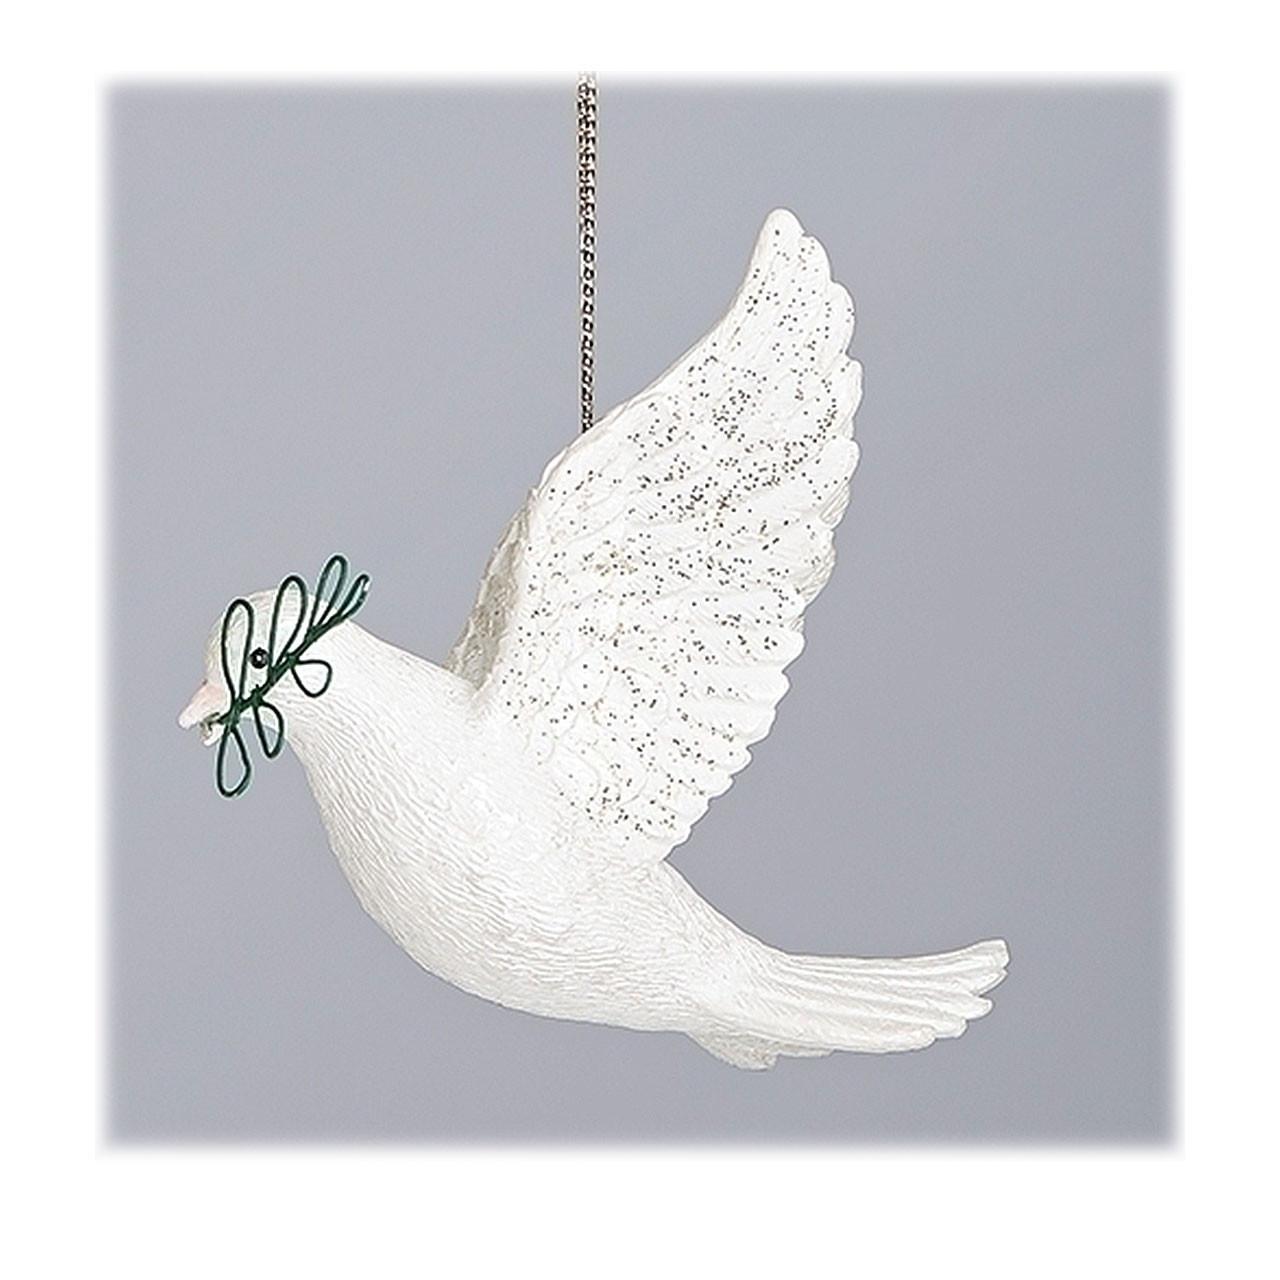 Dove & Olive Branch Ornament